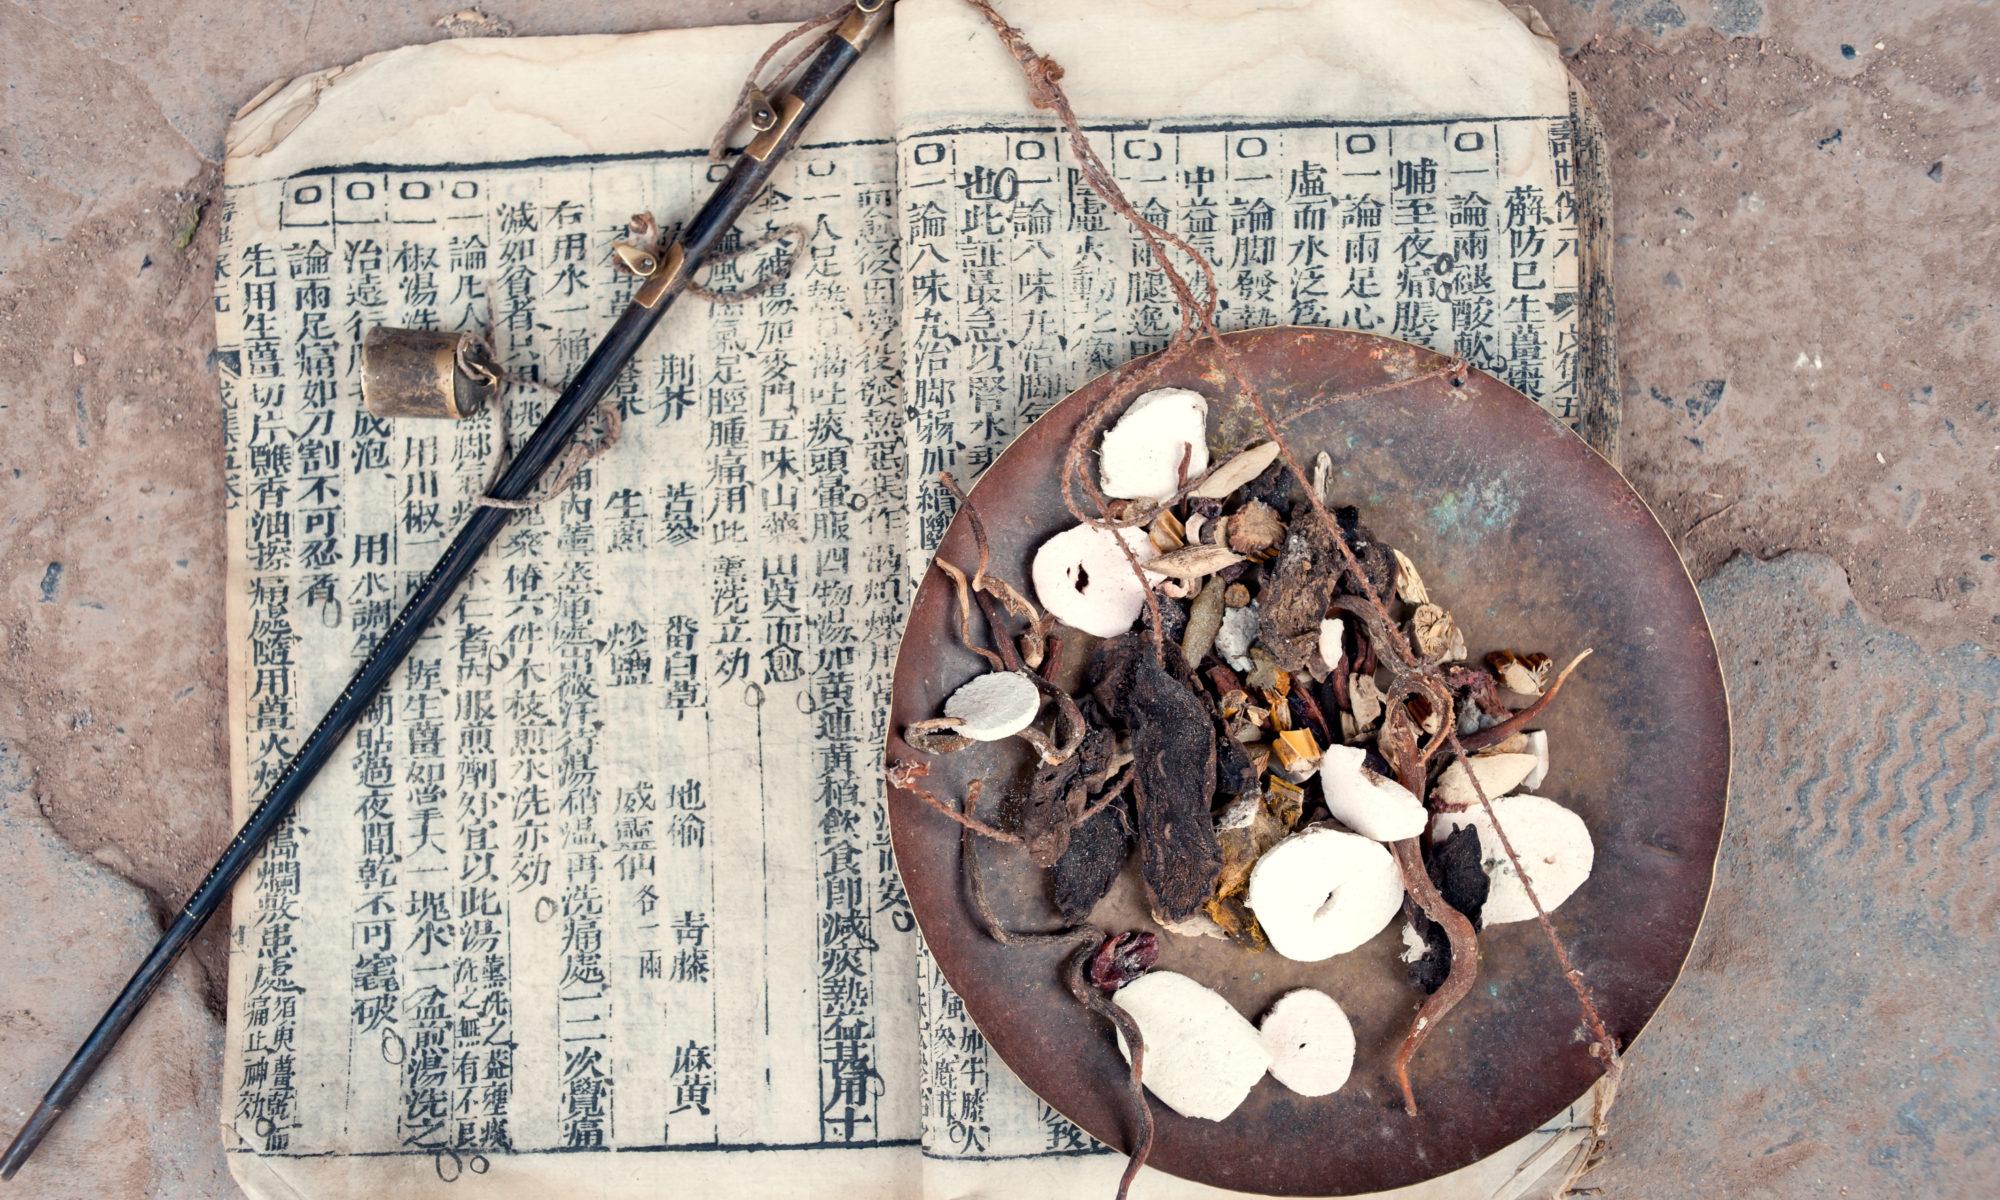 Chinesische Medizin Annika Mende